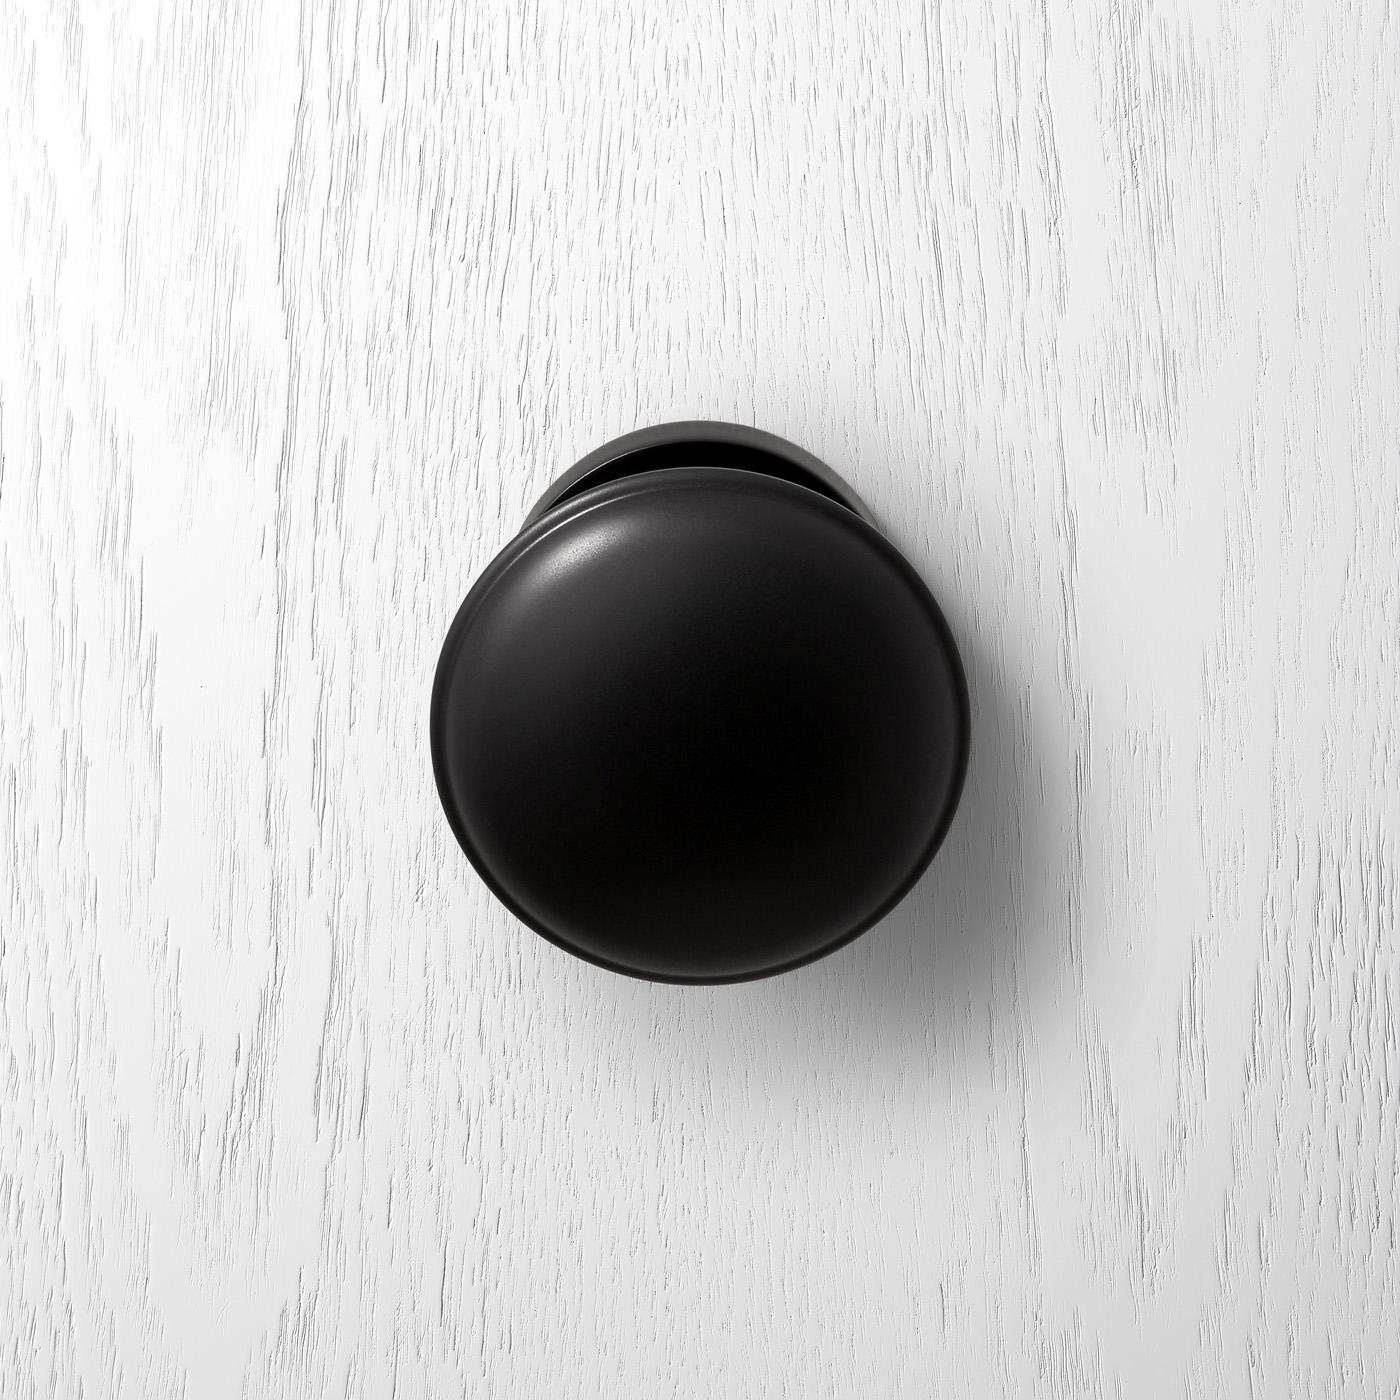 Operating Door Knob